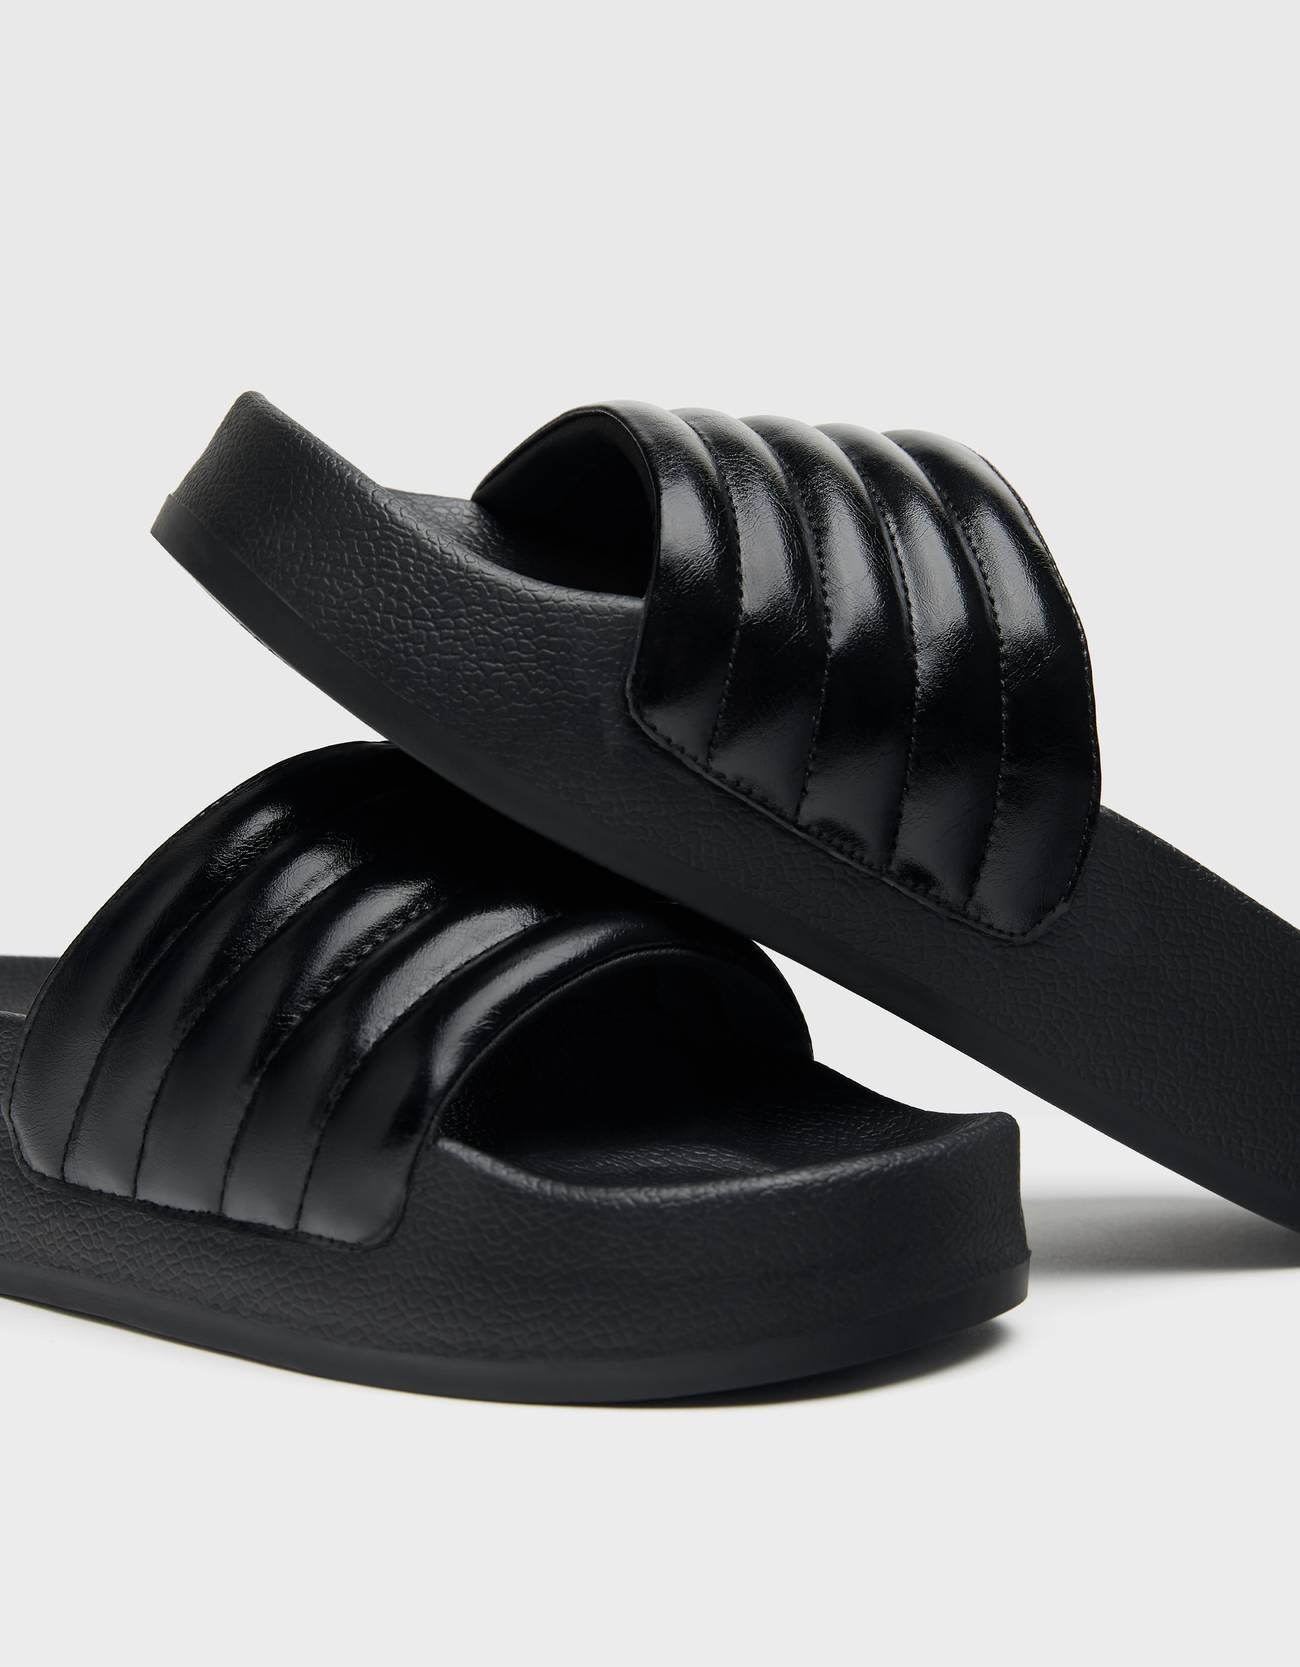 Sandalia plana en color negro. Detalle de acolchados. Suela con plataforma ligera.